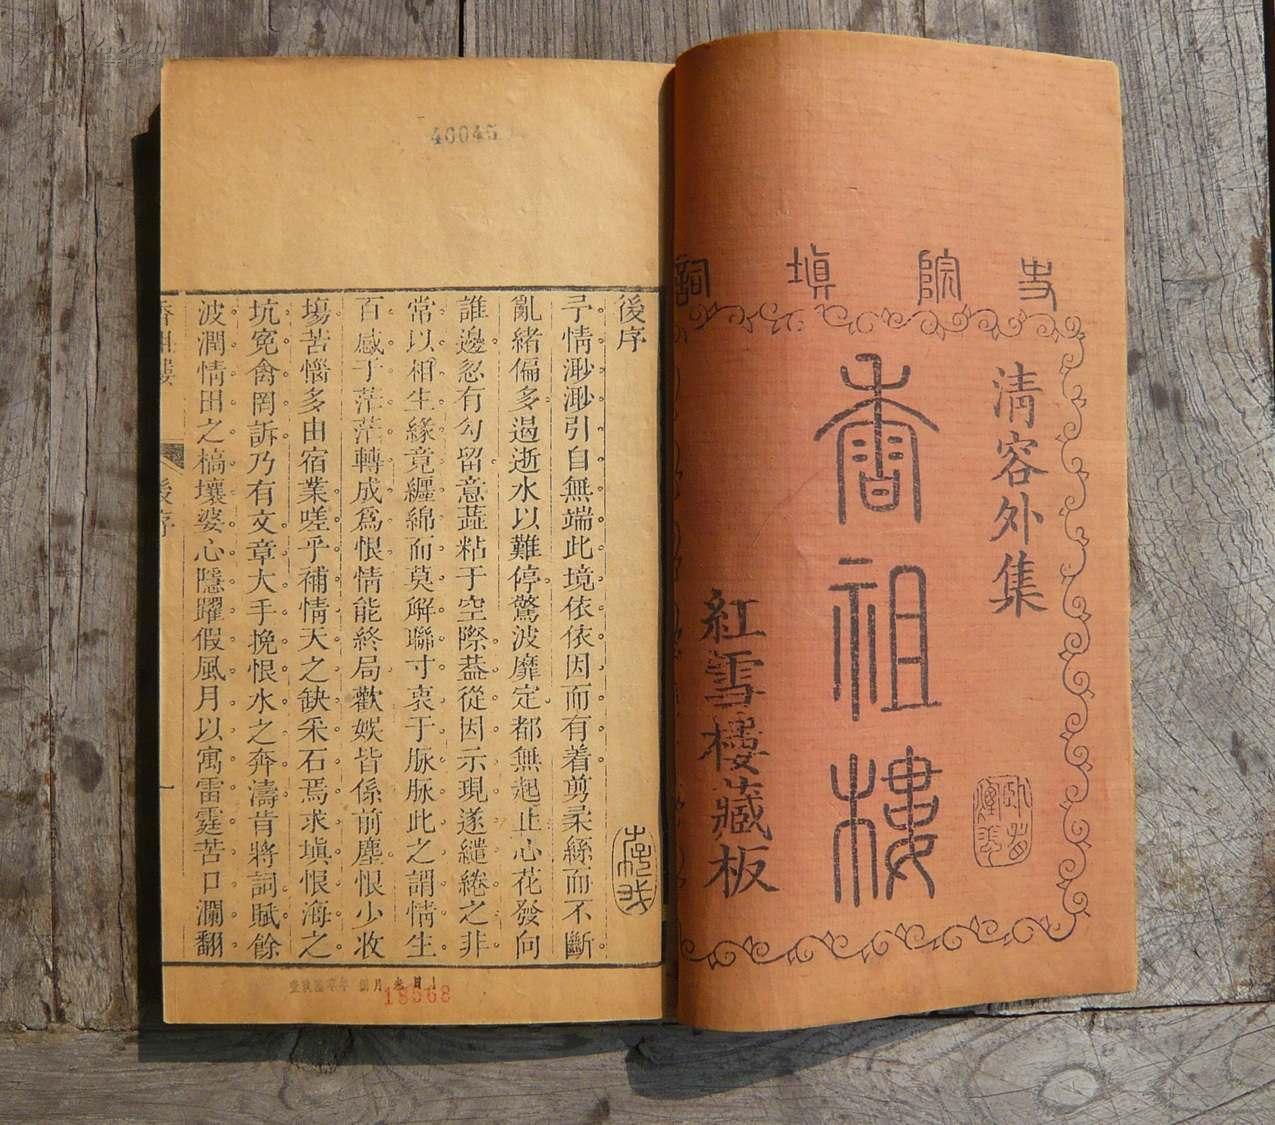 清嘉庆刻本 清容外集(又名藏园九种曲)红雪楼藏板 二函十四册全!